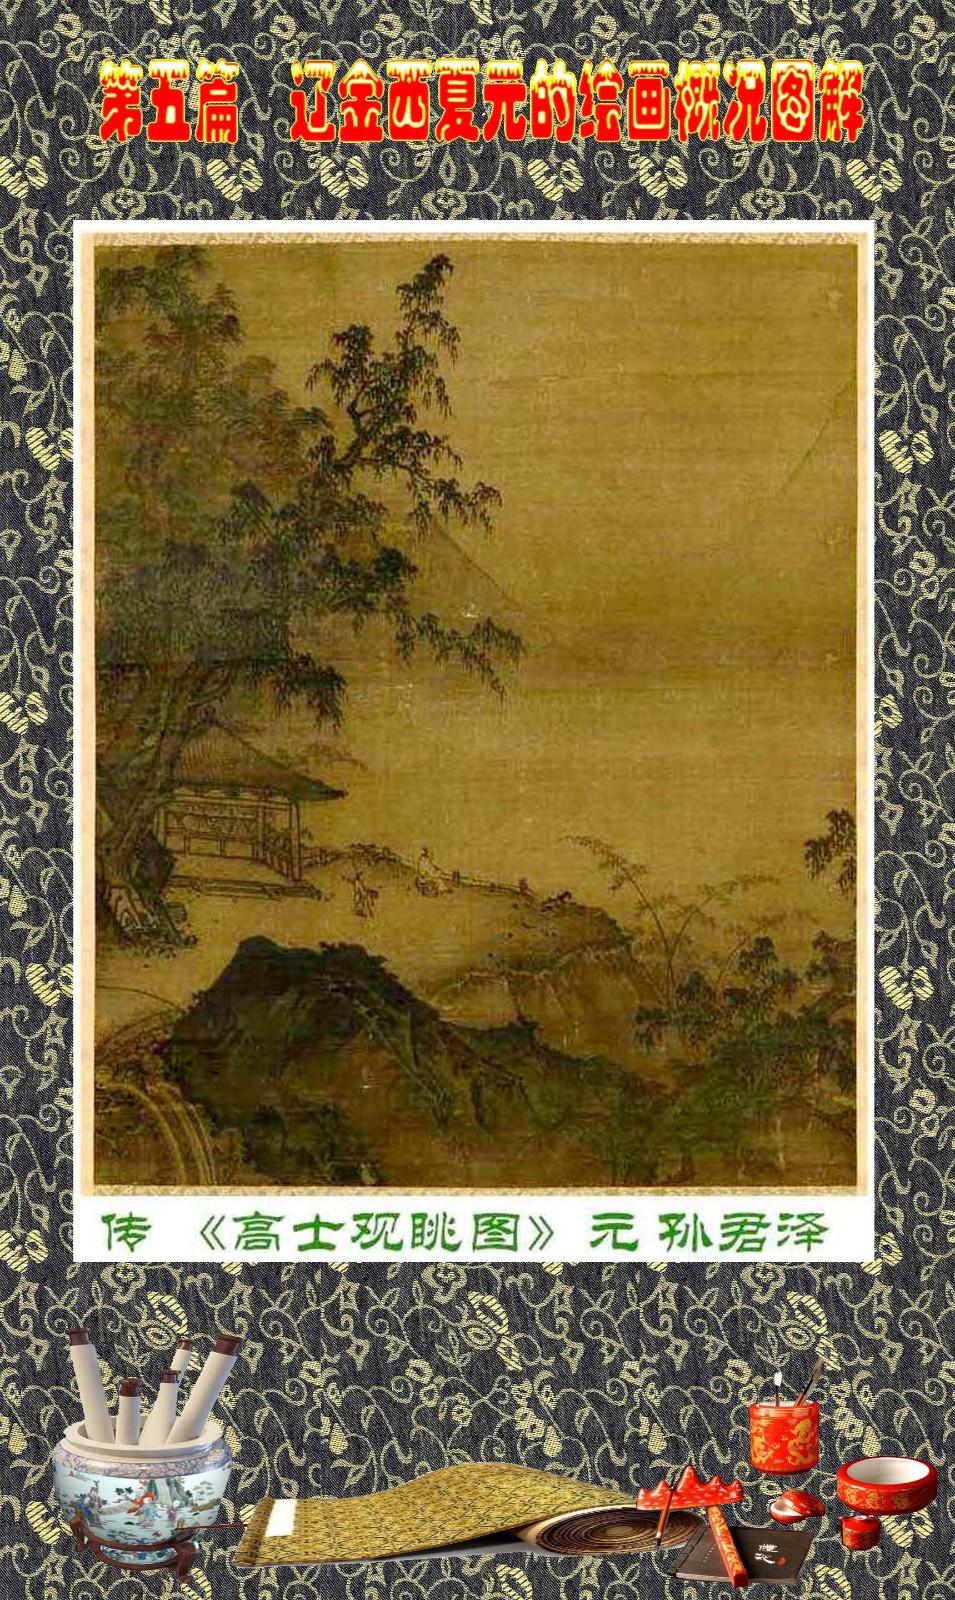 顾绍骅编辑 中国画知识普及版 第五篇 辽金西夏元的绘画概况 下 ... ..._图1-72